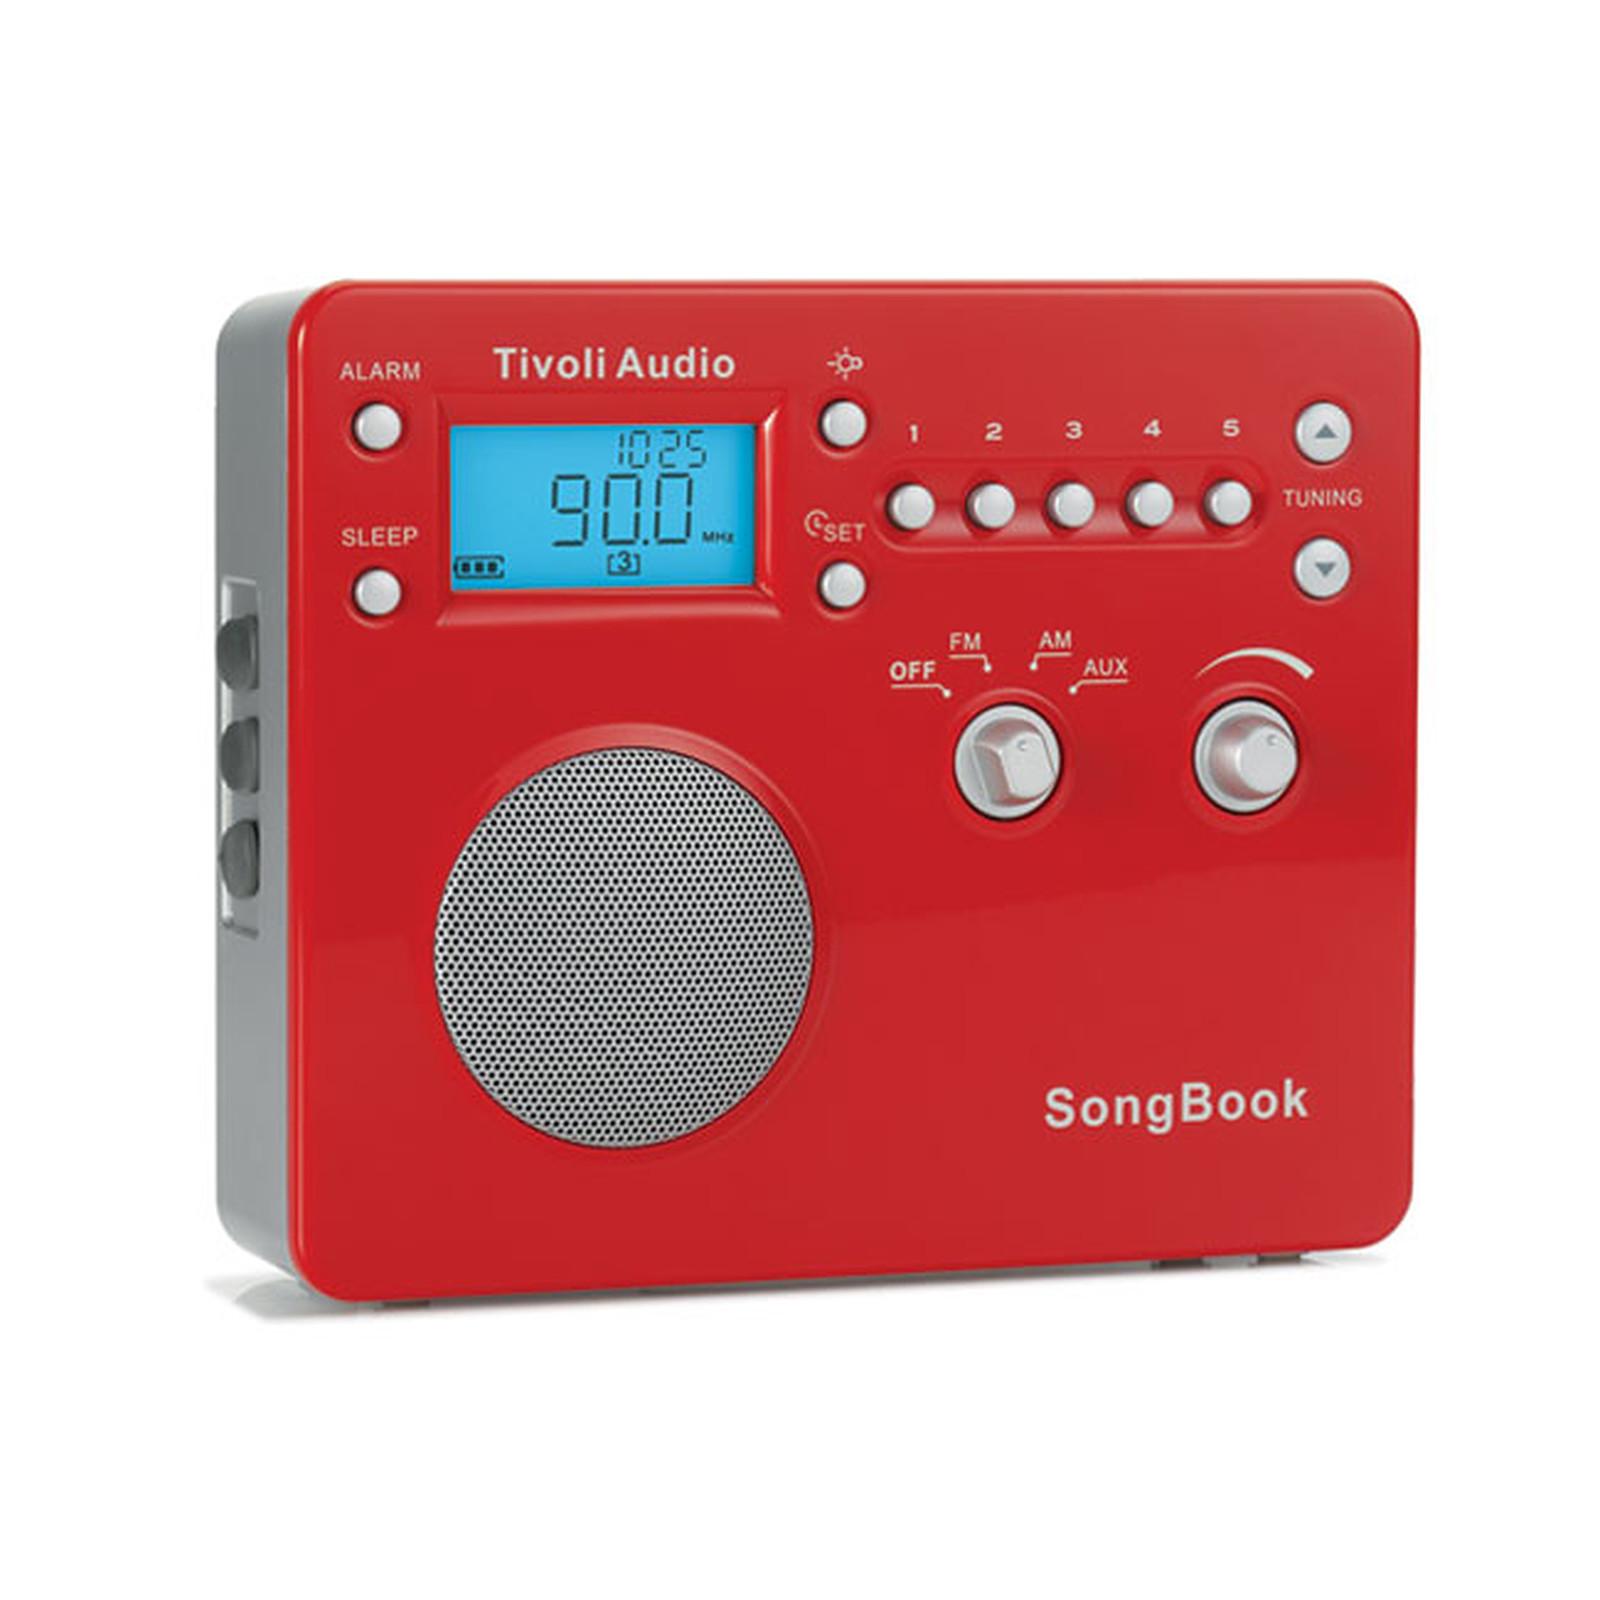 Tivoli Audio SongBook Rouge